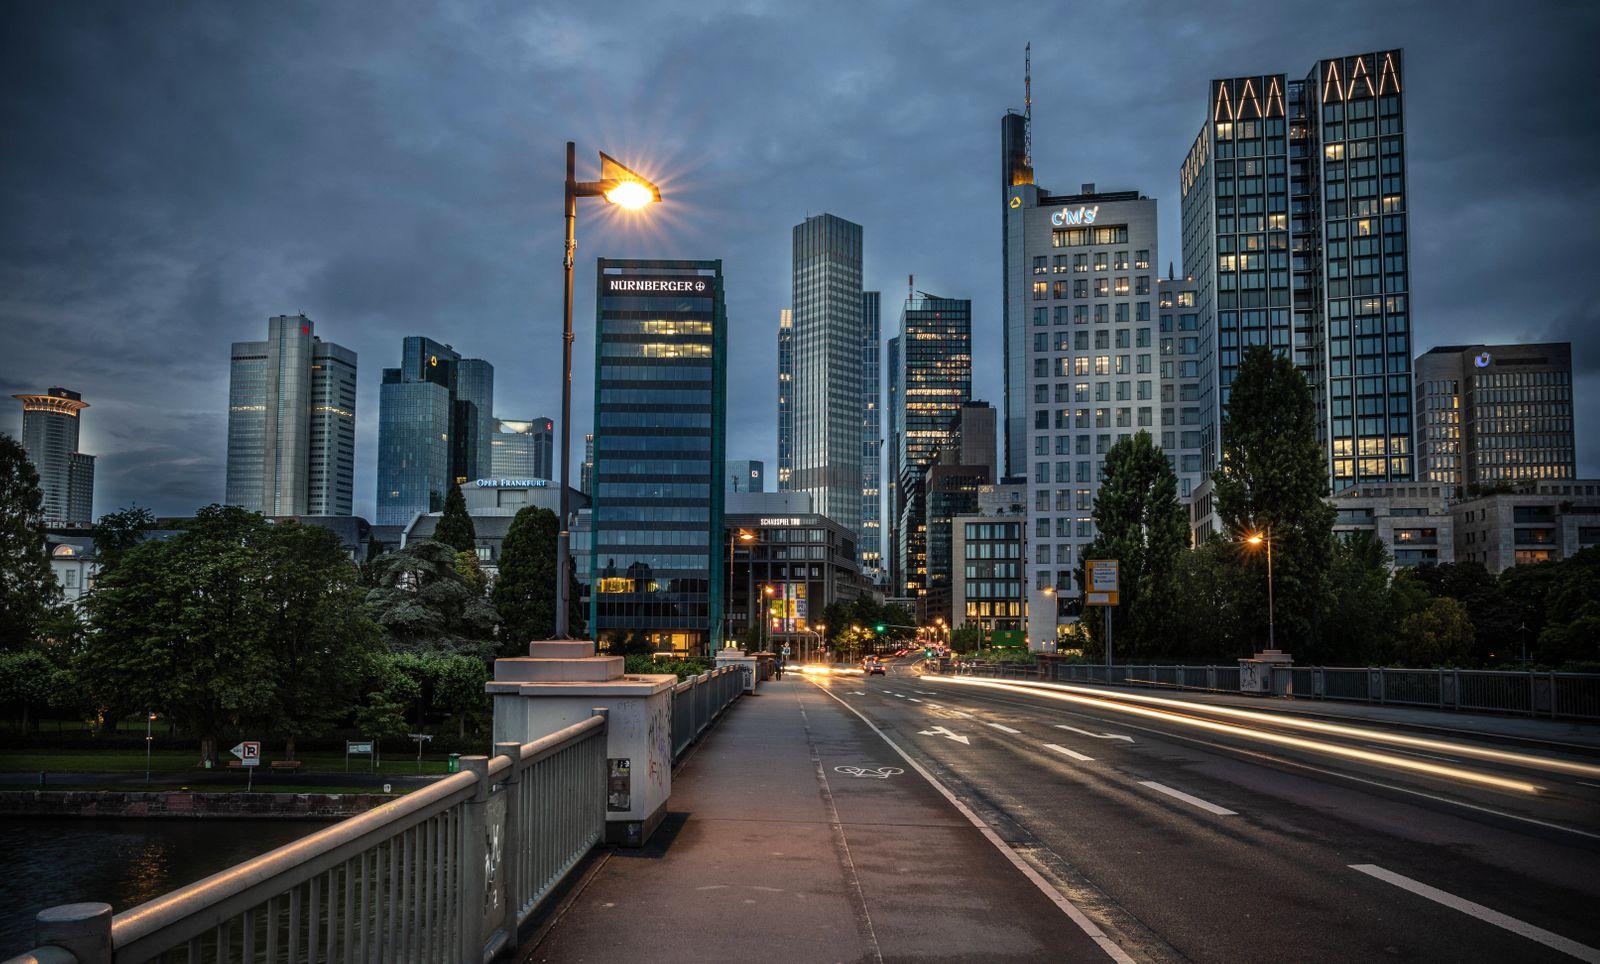 Das Nizza von der Untermainbr¸cke aus gesehen mit der Frankfurter Skyline im Hintergrund Frankfurt am 17.06.2020 *** The